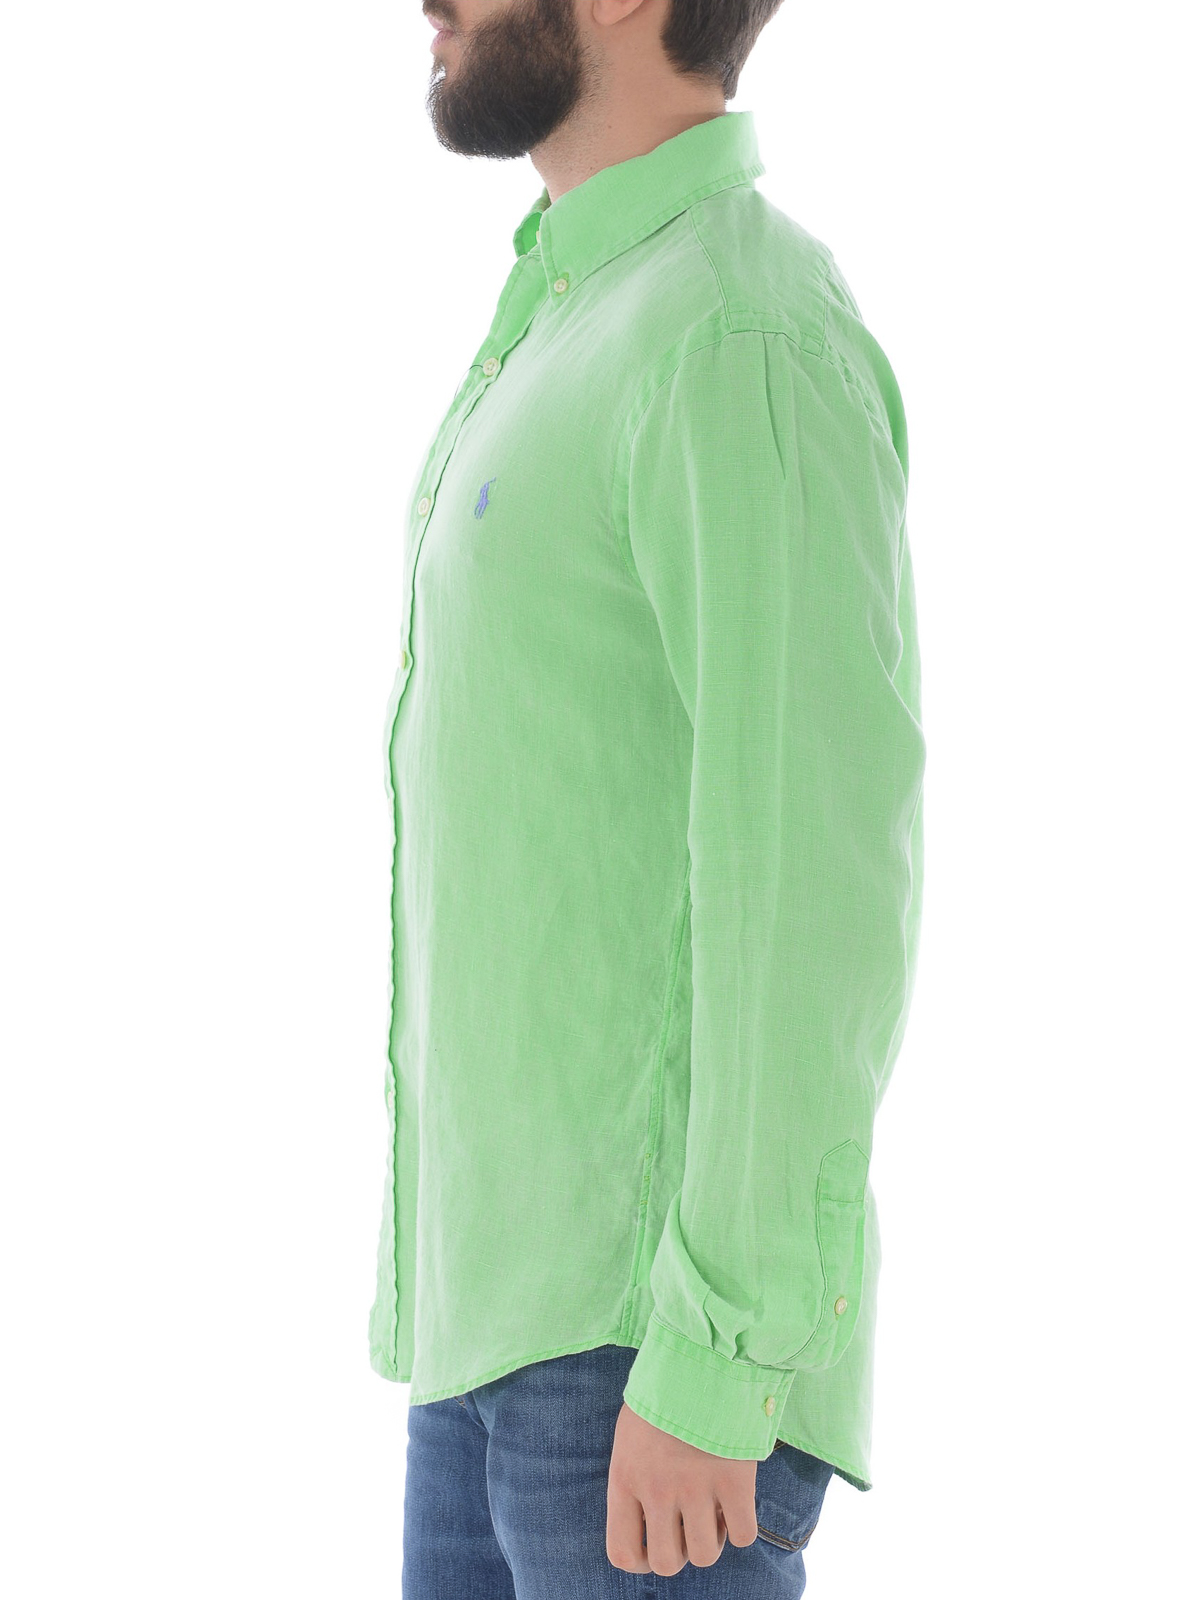 hot sales 076a4 aa576 Polo Ralph Lauren - Hemd - Slim Fit - Hemden - 744906007 ...